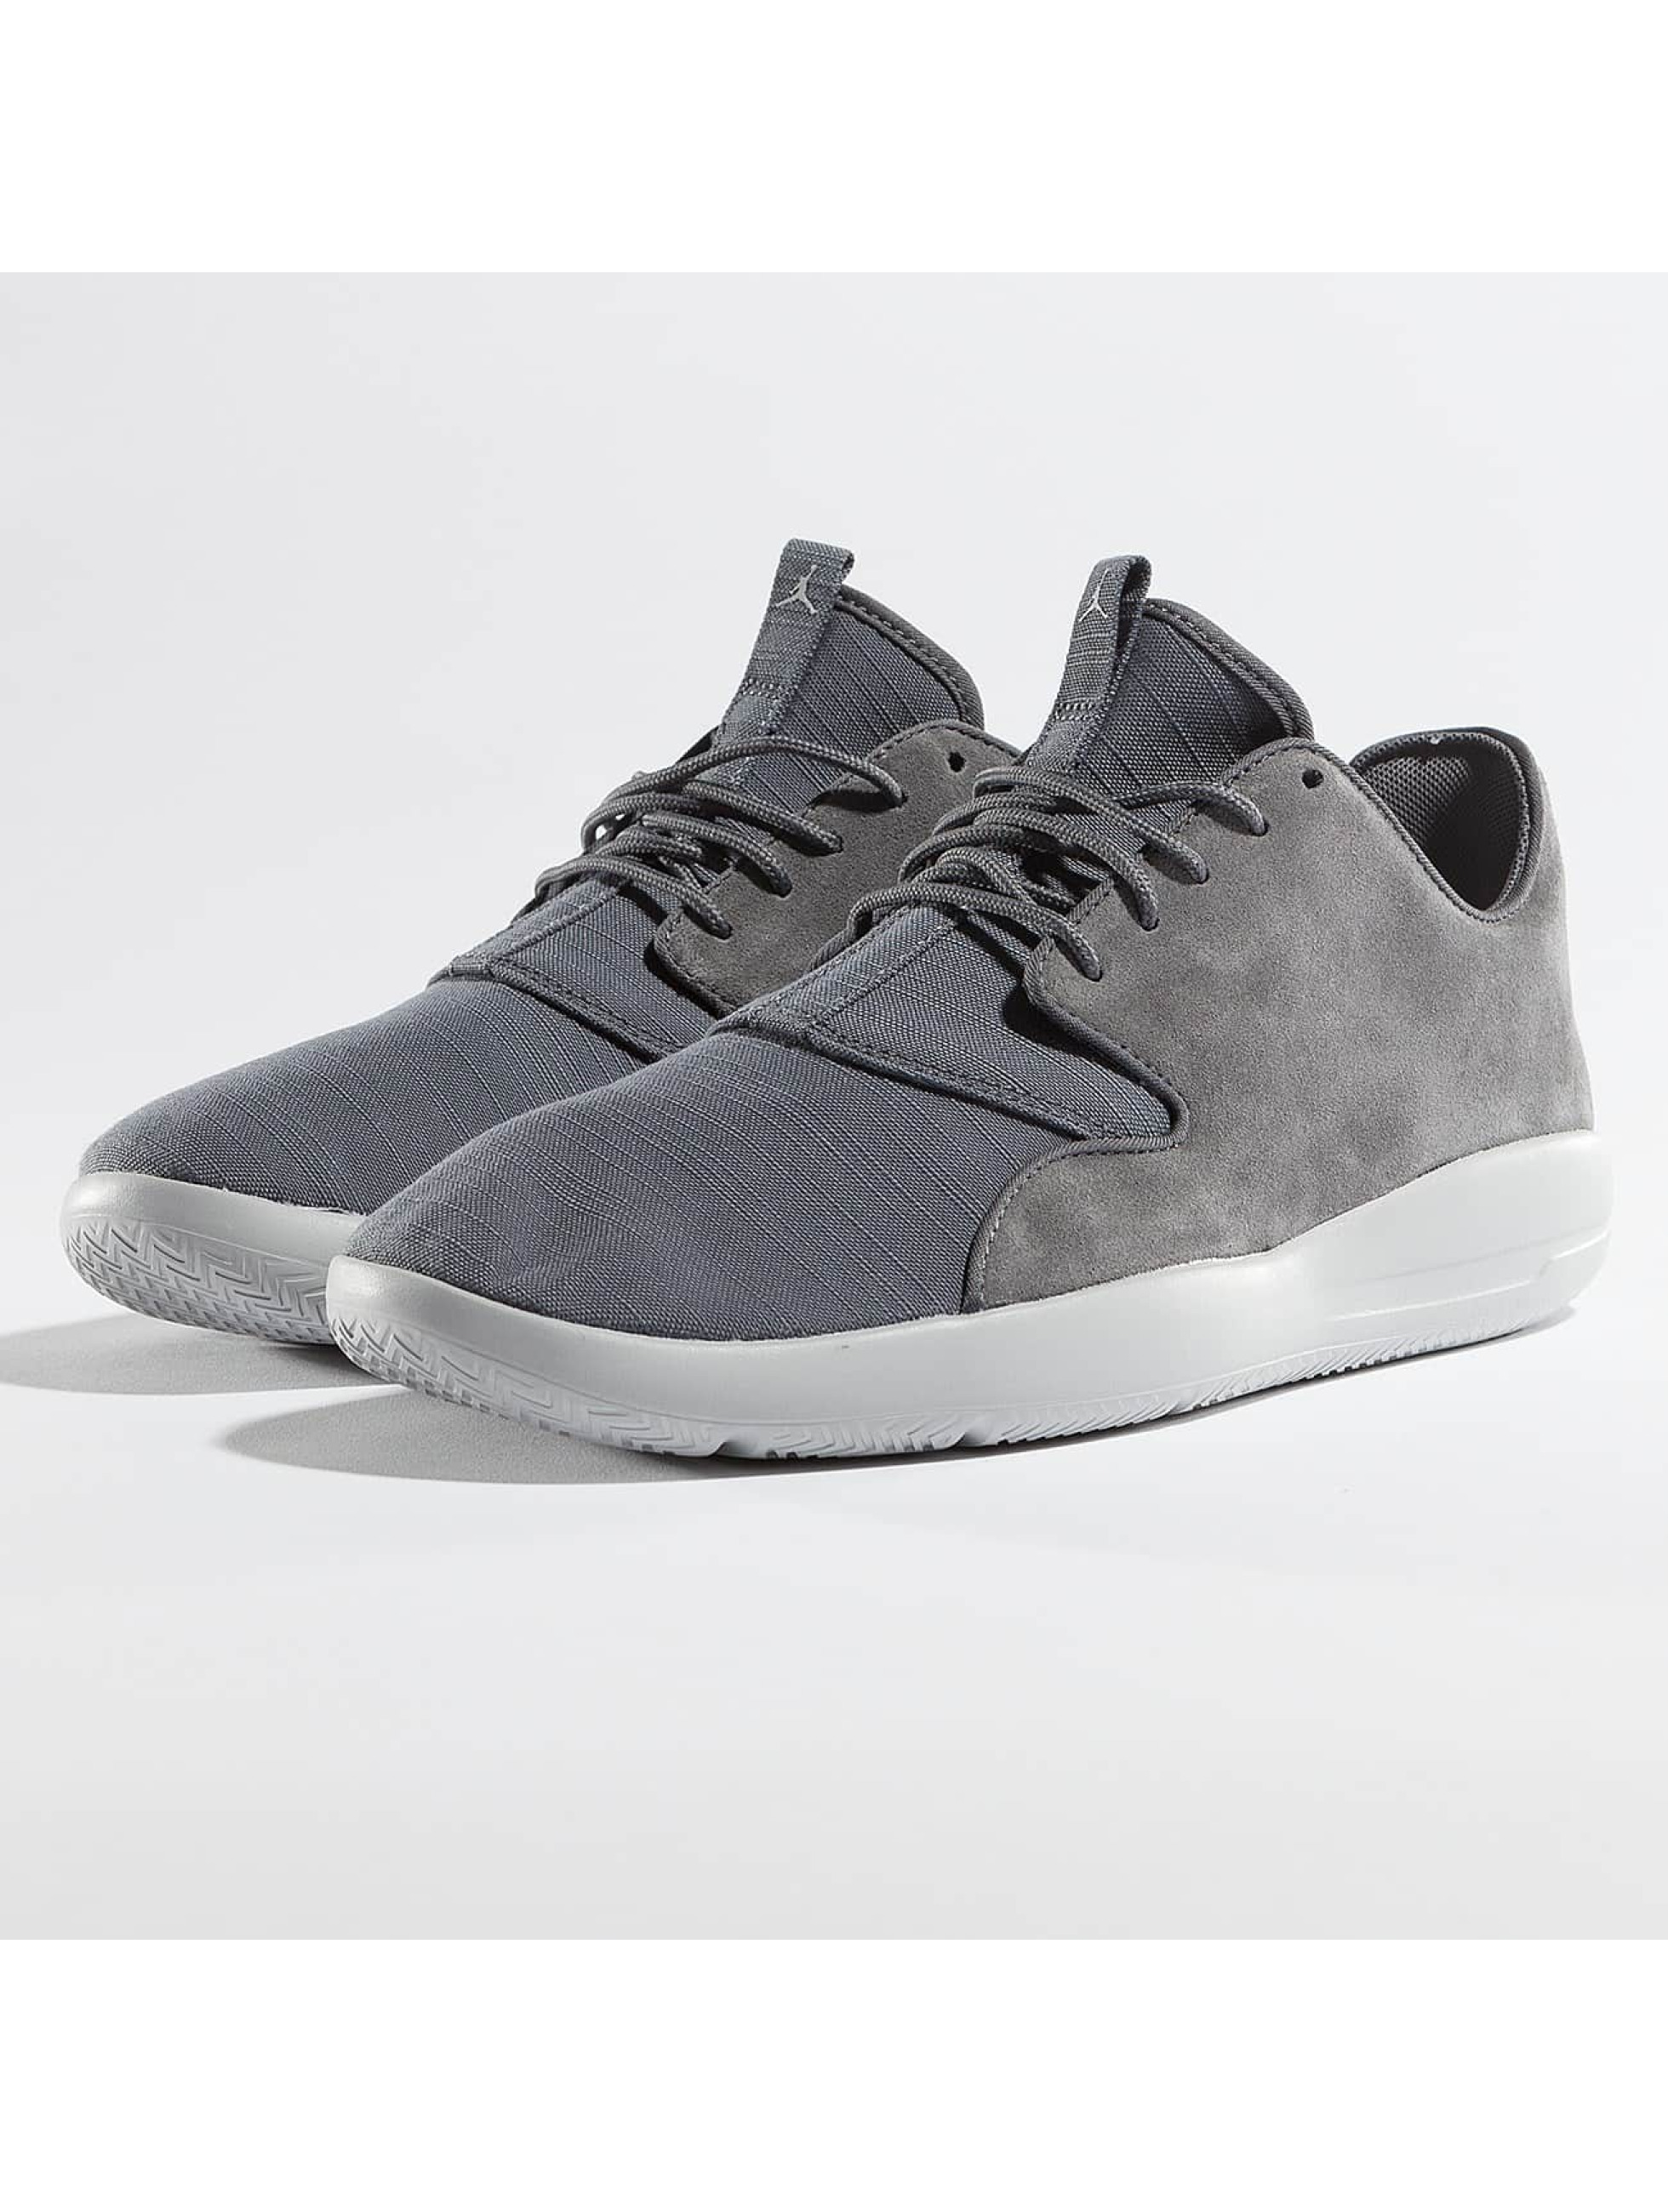 Jordan Männer Sneaker Eclipse Leather in grau